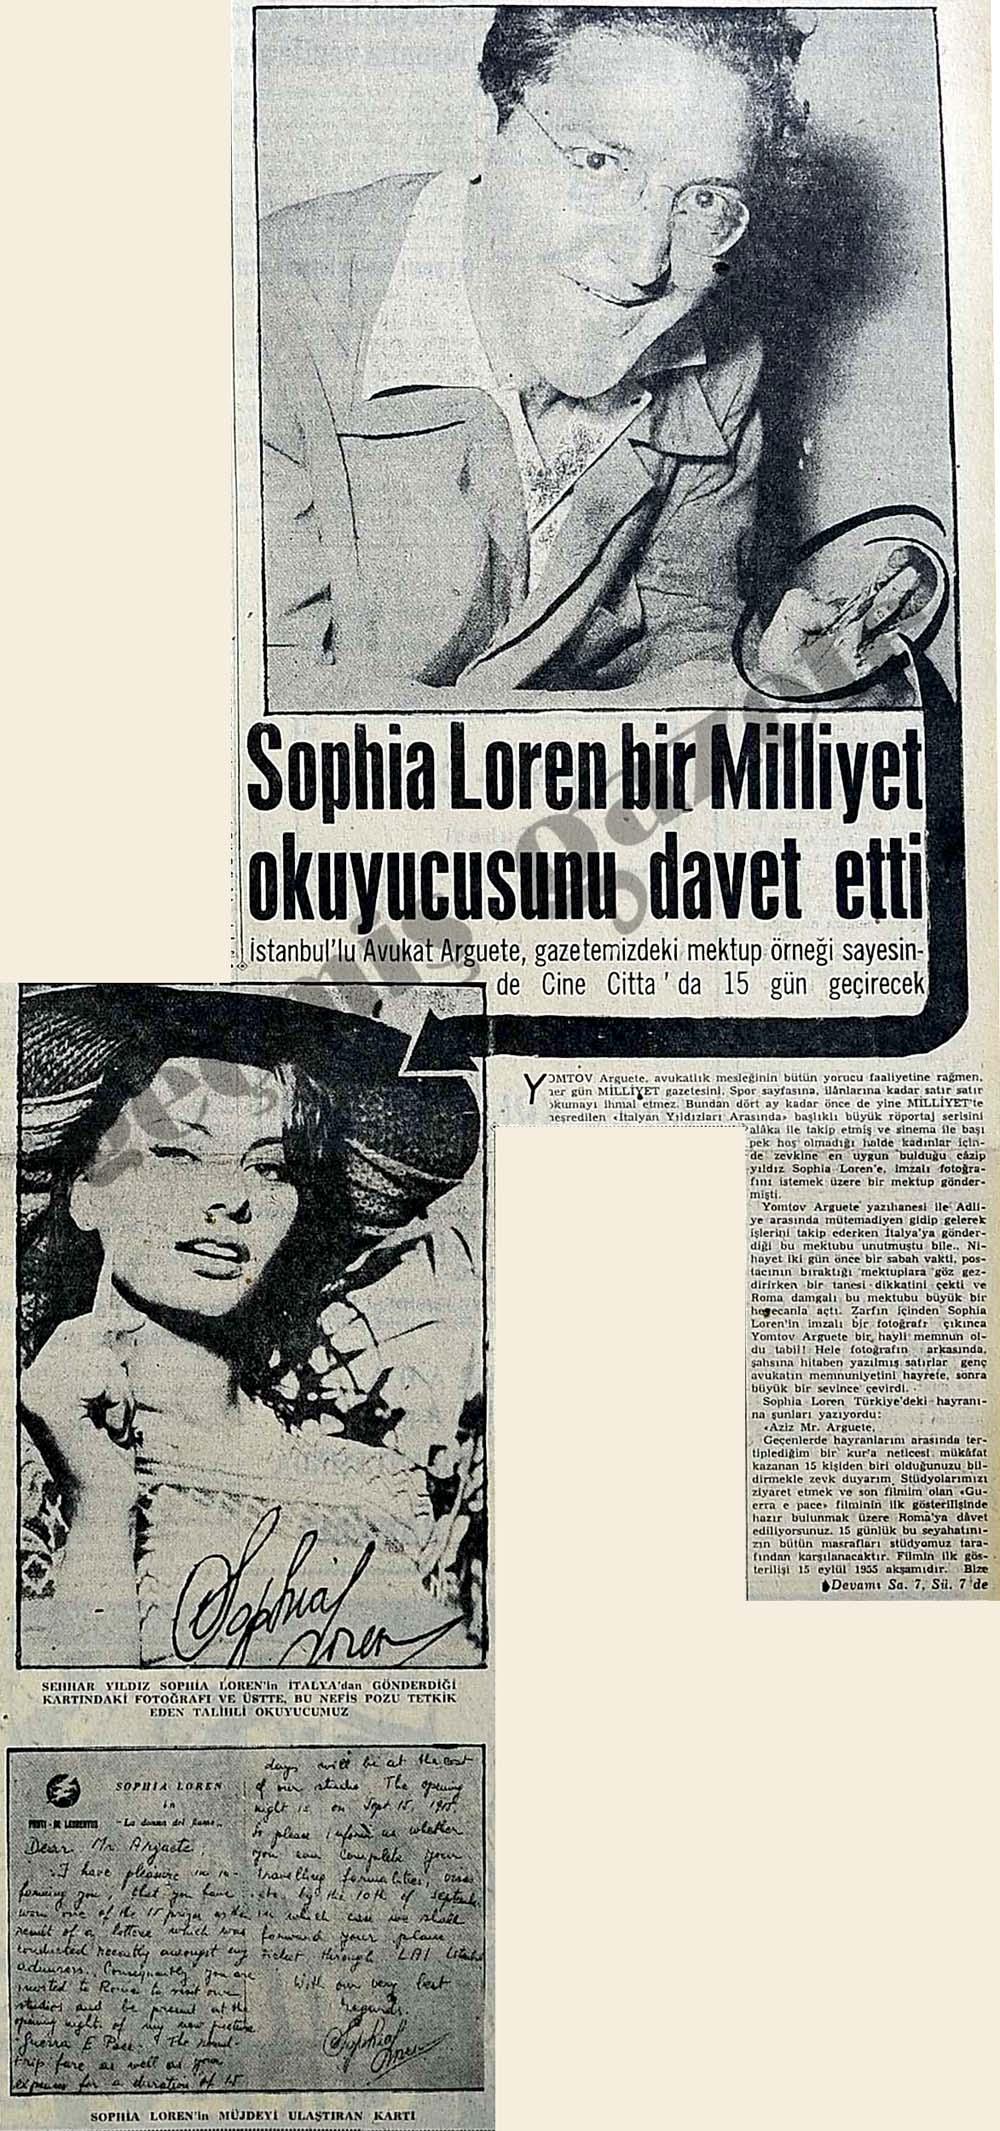 Sophia Loren bir Milliyet okuyucusunu davet etti